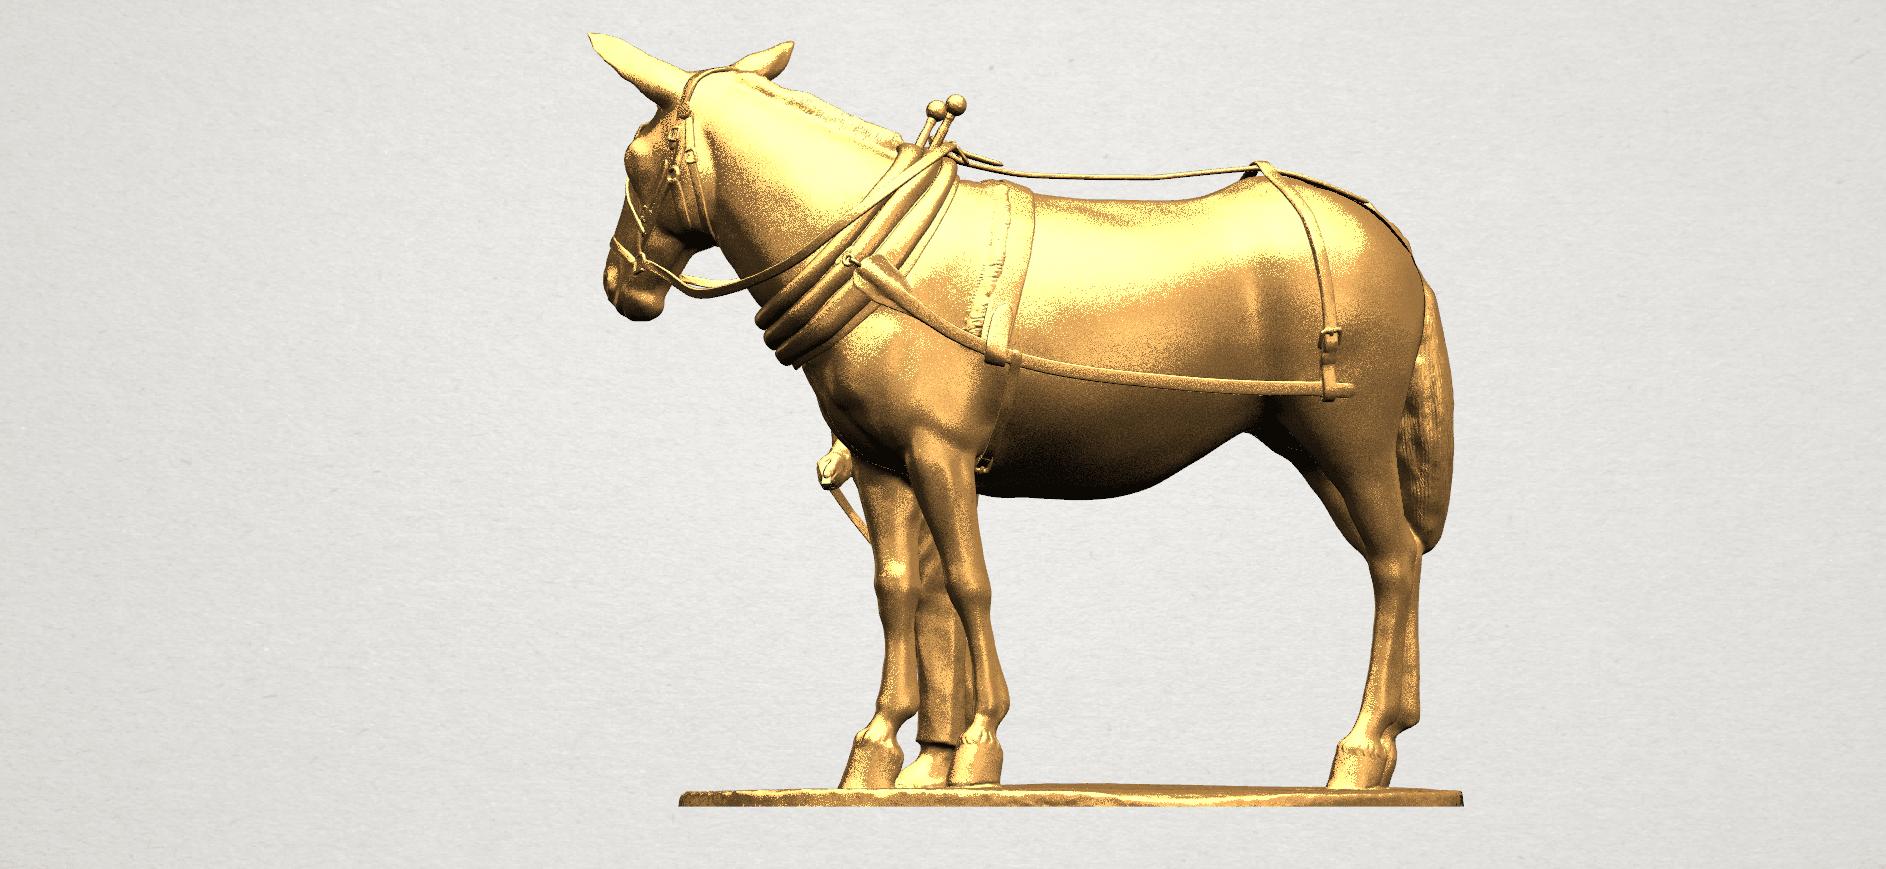 Horse with Man (i) - A03.png Télécharger fichier STL gratuit Cheval avec Man 01 • Objet à imprimer en 3D, GeorgesNikkei